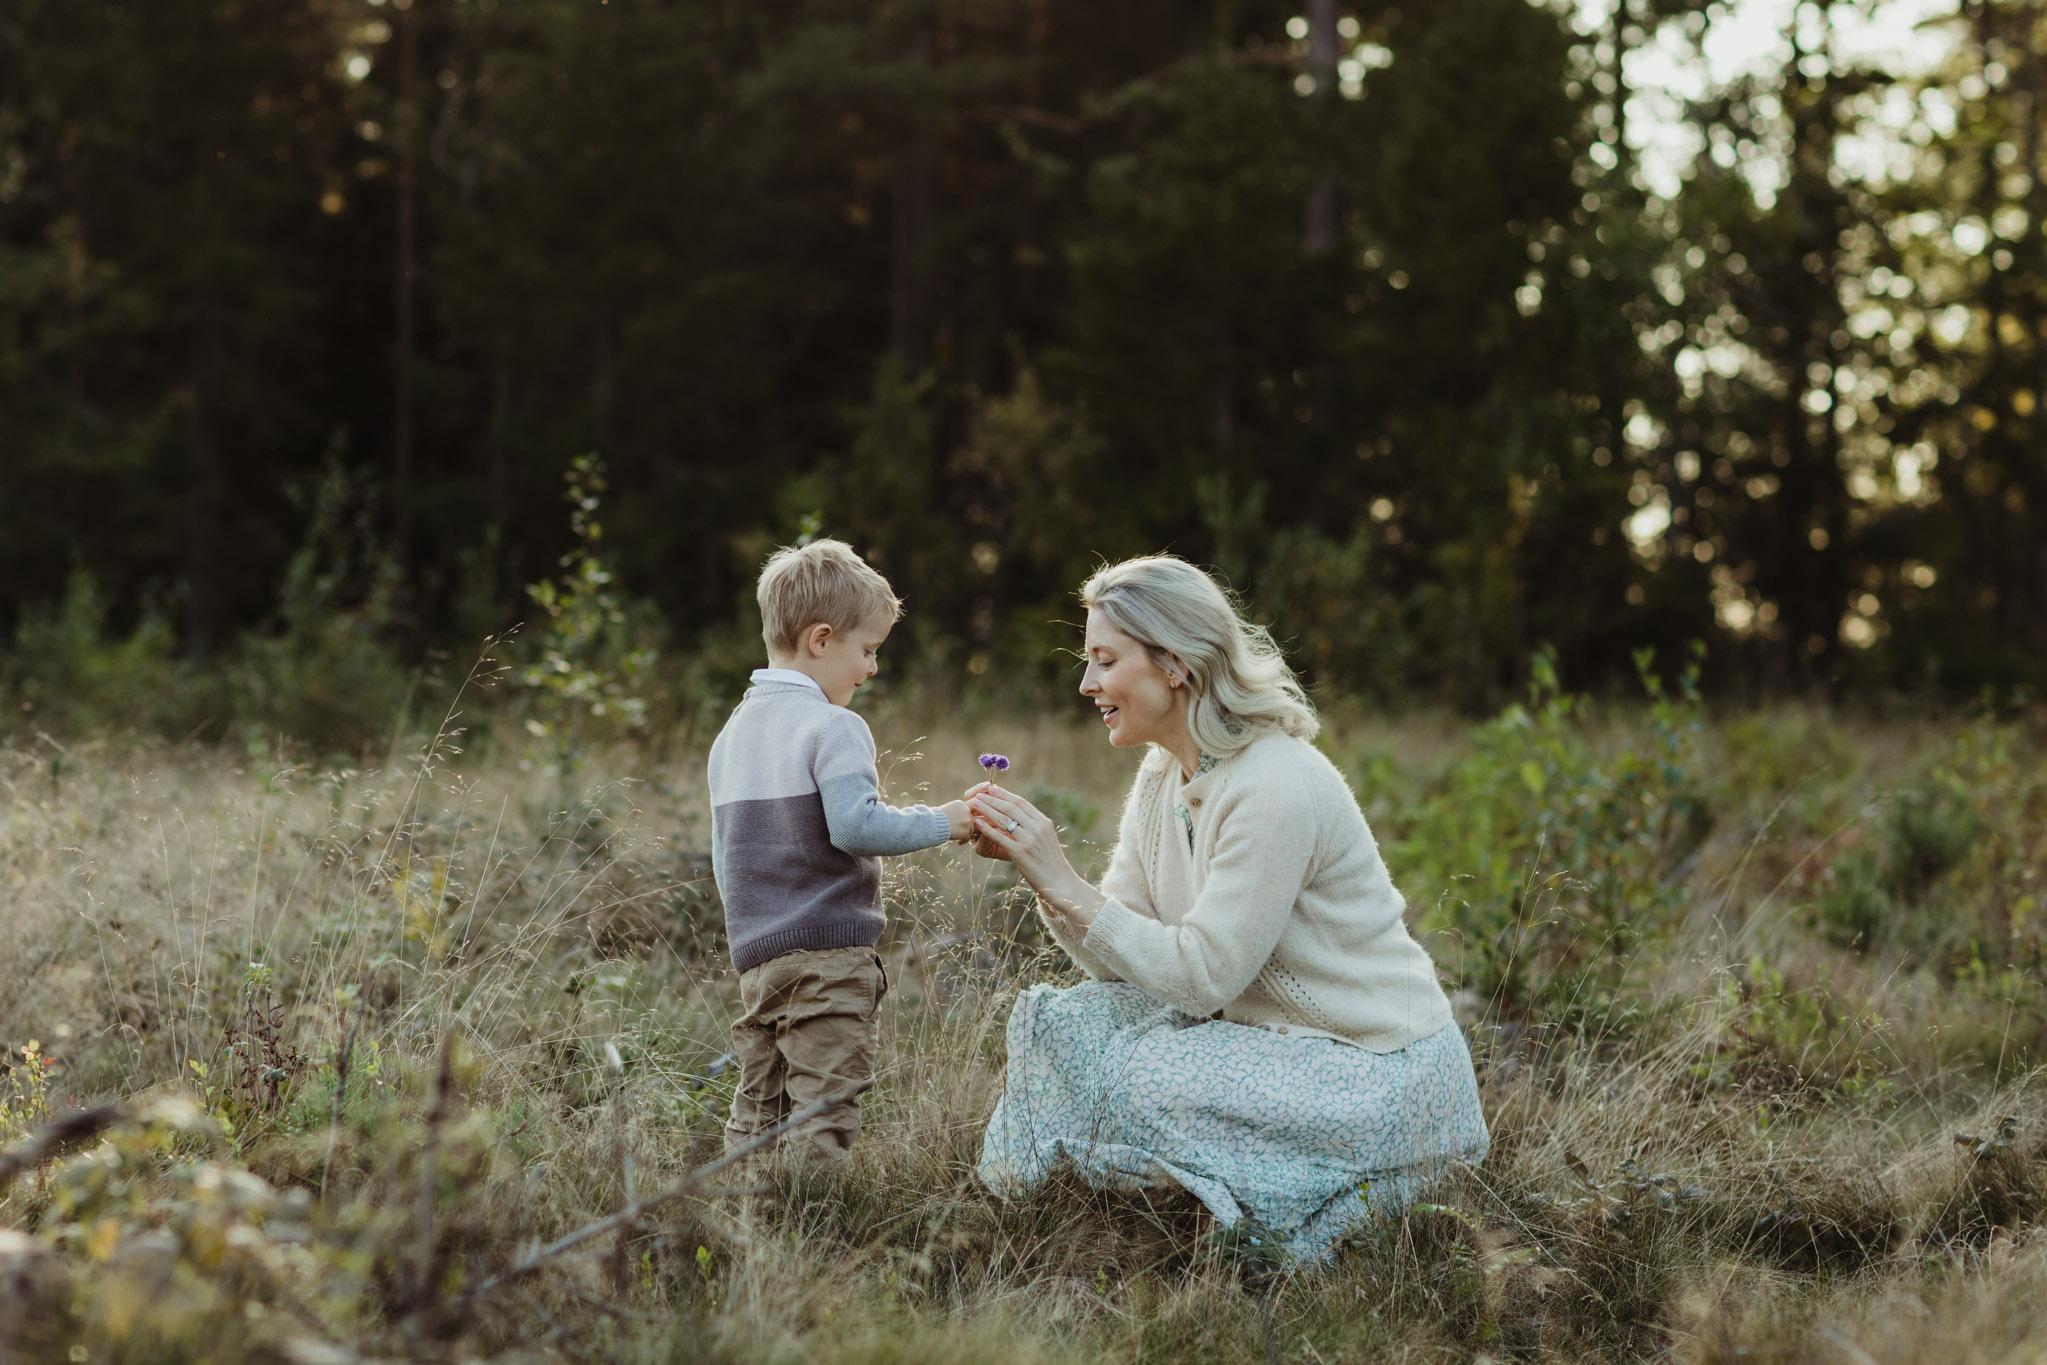 Familiefotografering - natur, lys, skog, mor, sønn - Fotograf Ida Hvattum